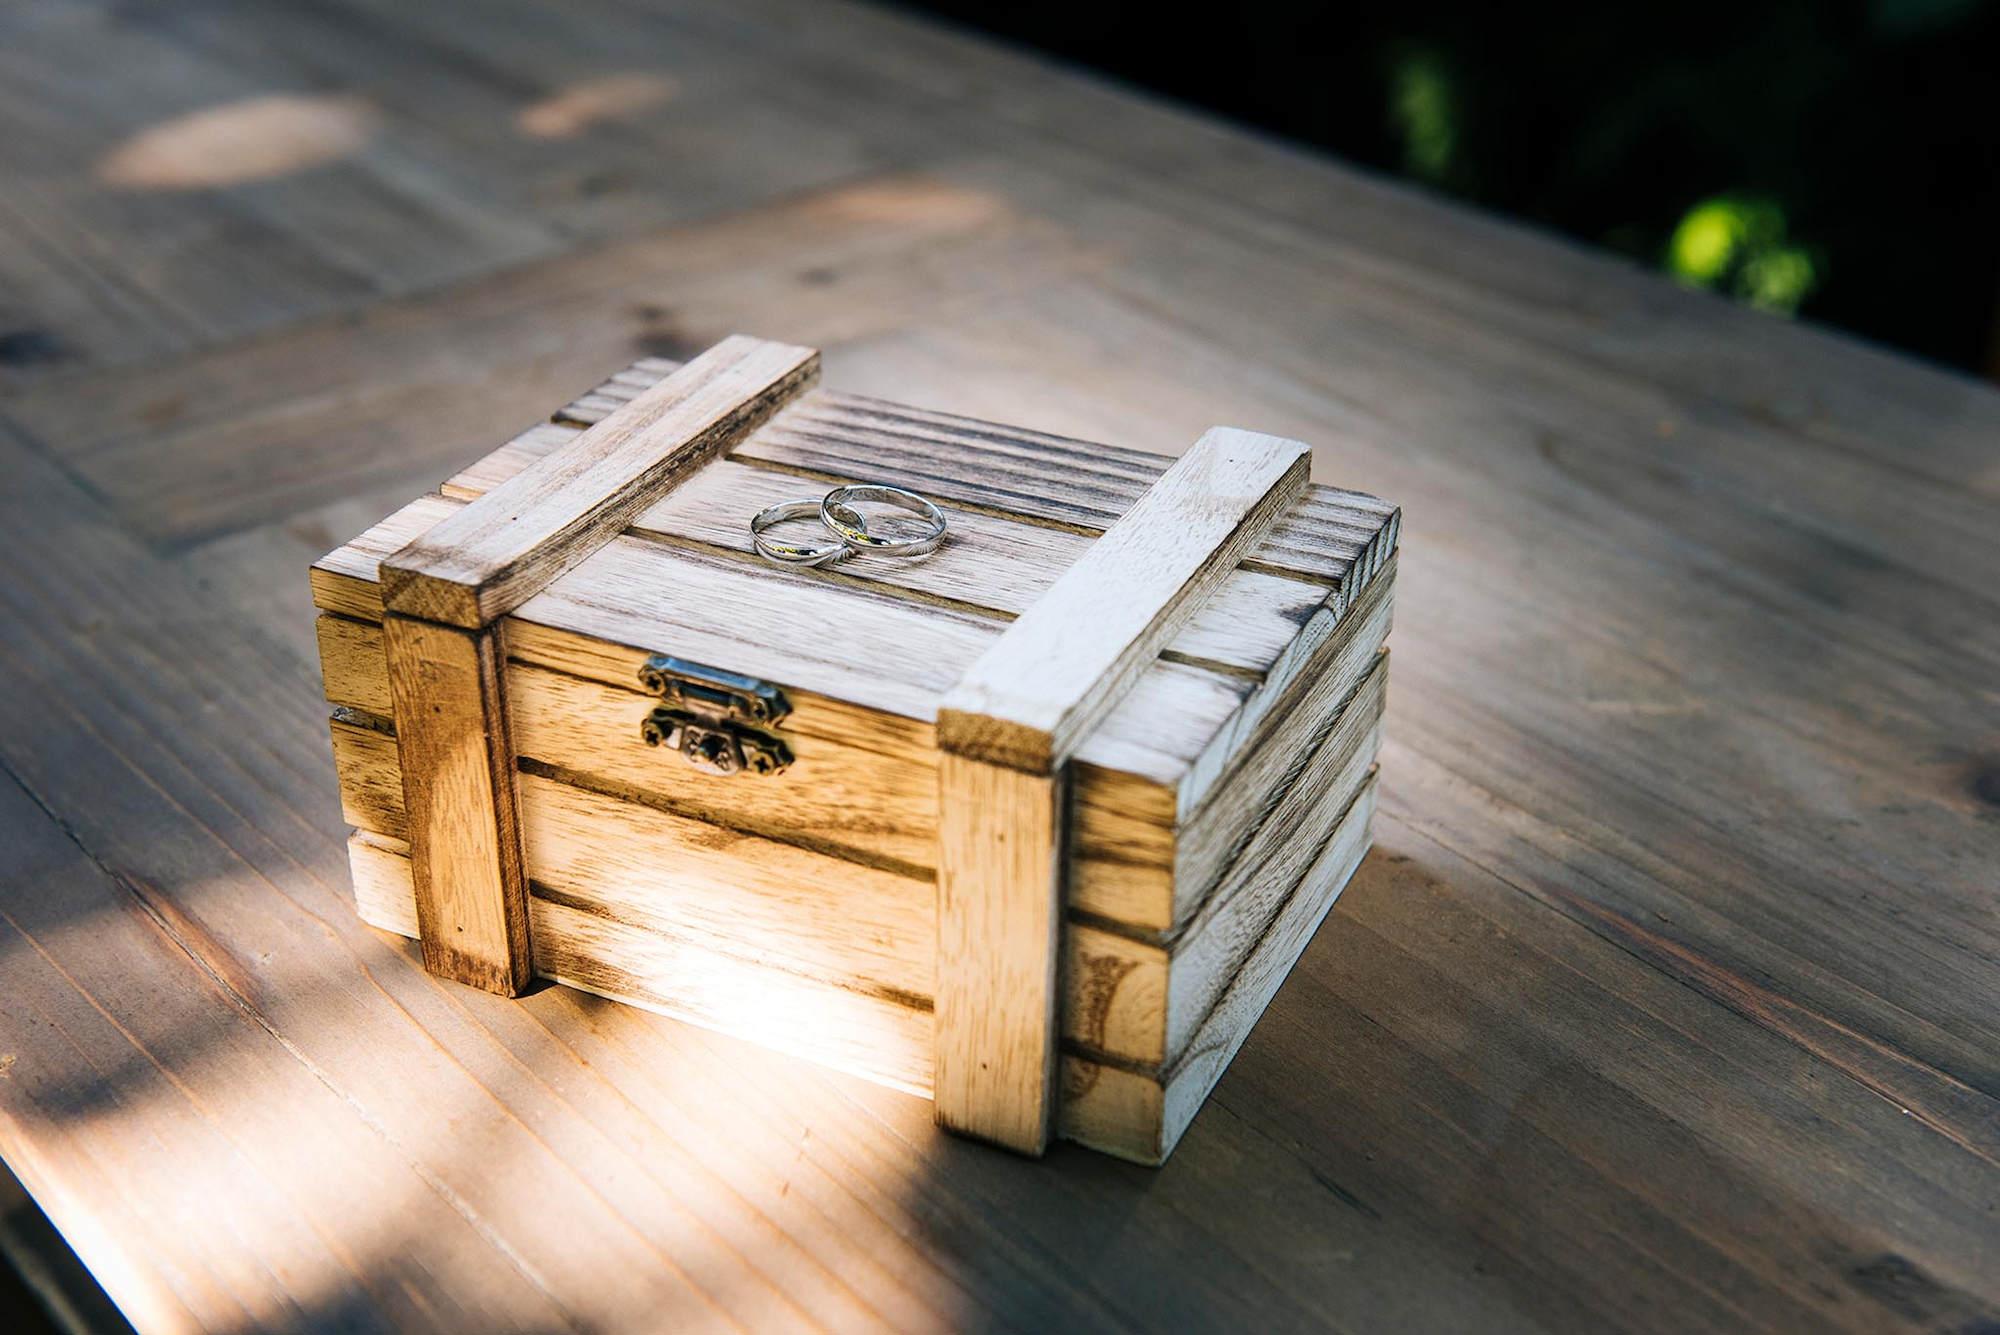 El portaalianzas, una caja de madera.